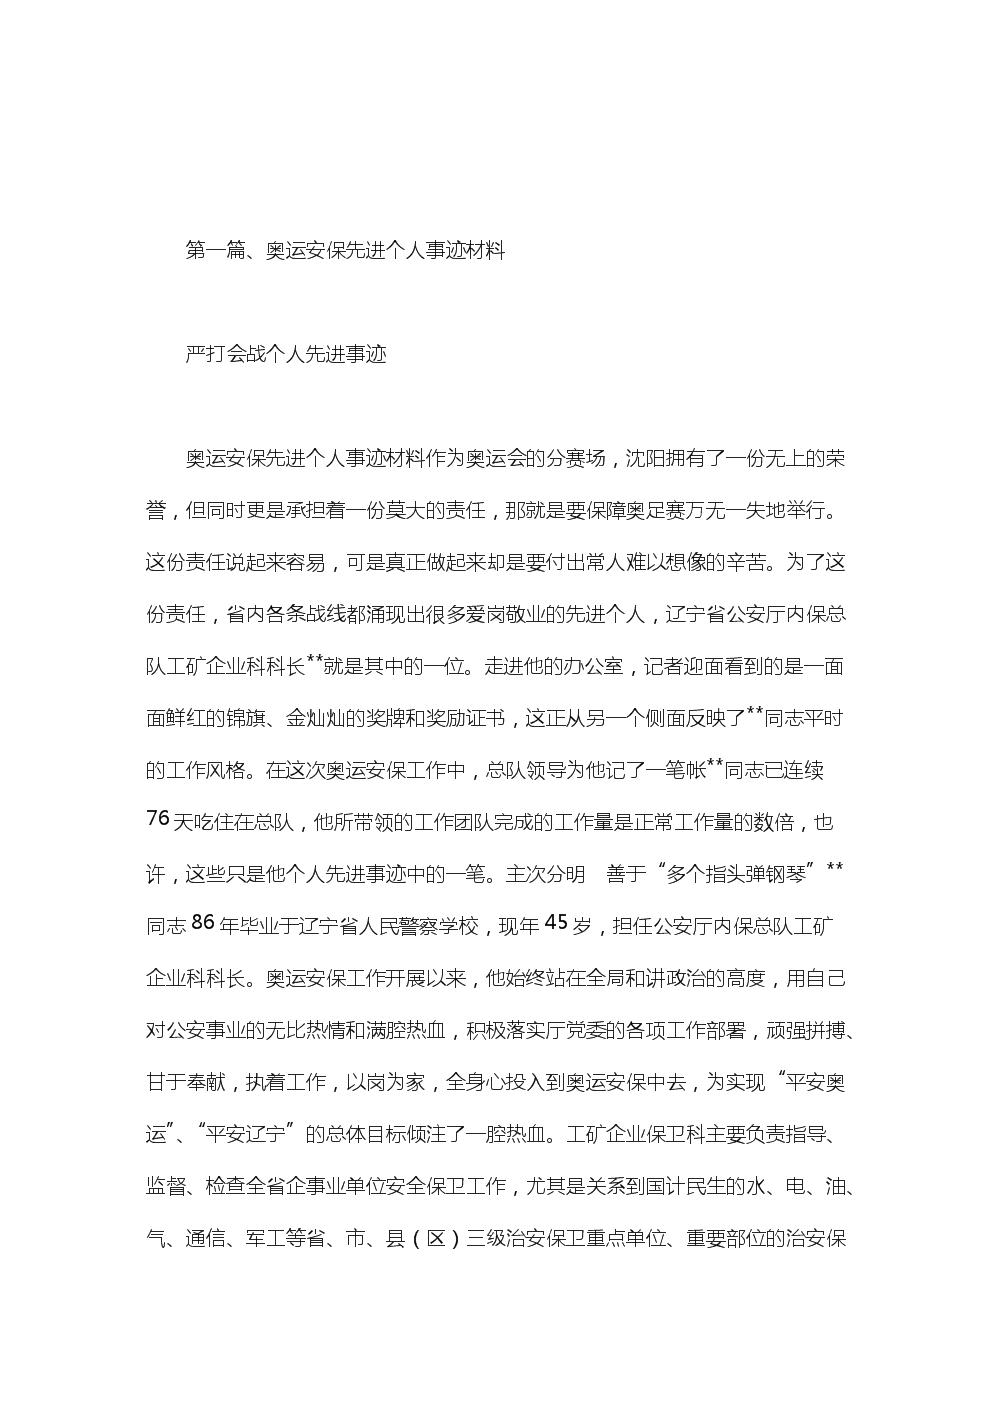 严打会战个人先进事迹.doc